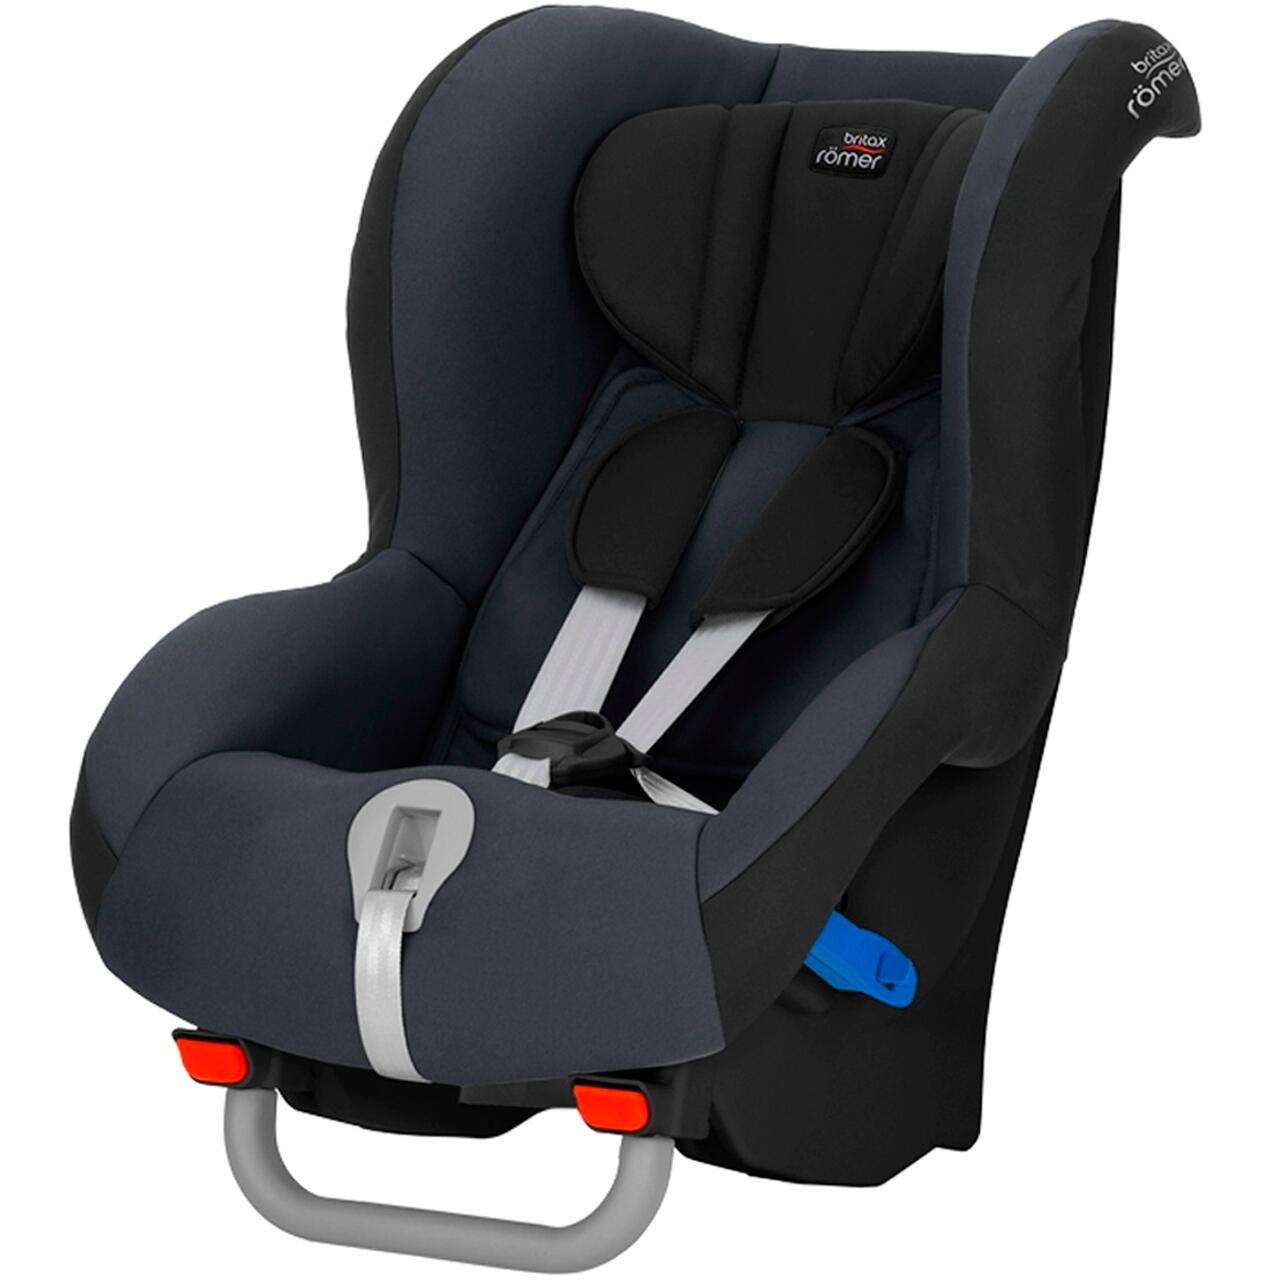 car seat britax max way. Black Bedroom Furniture Sets. Home Design Ideas